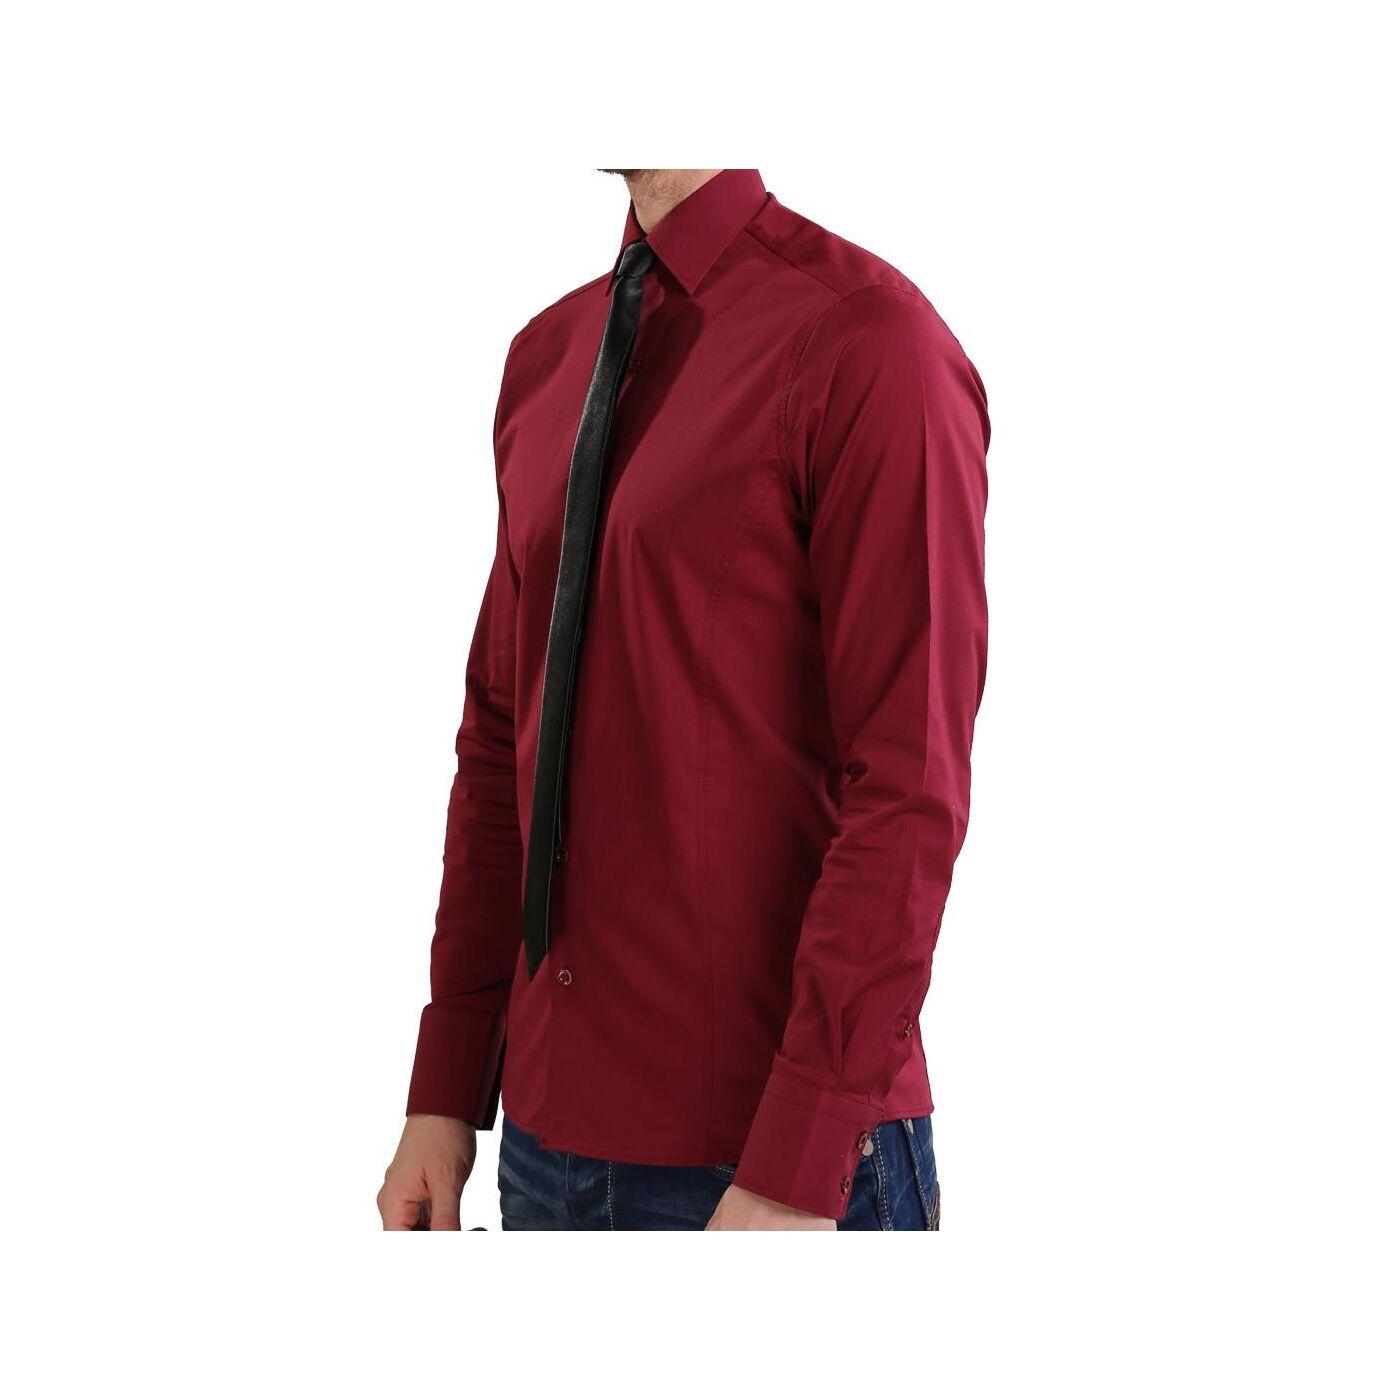 buy popular 20c74 68b96 redbridgejeans.de